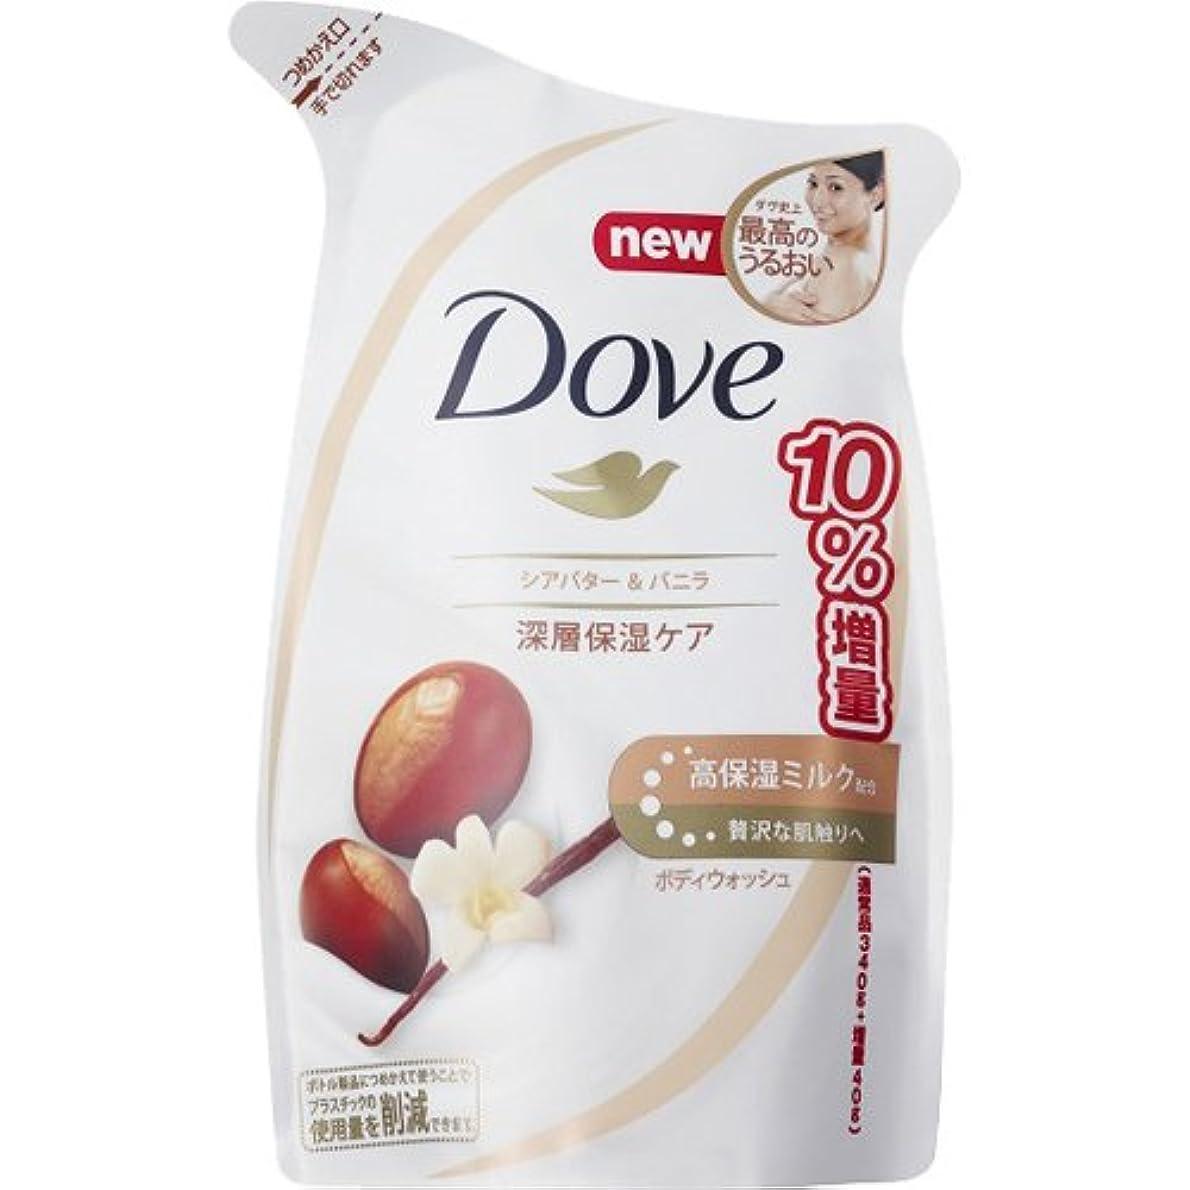 粗い有害な摂氏ダヴ ボディウォッシュ リッチケア シアバター&バニラ 詰替 増量品 380g